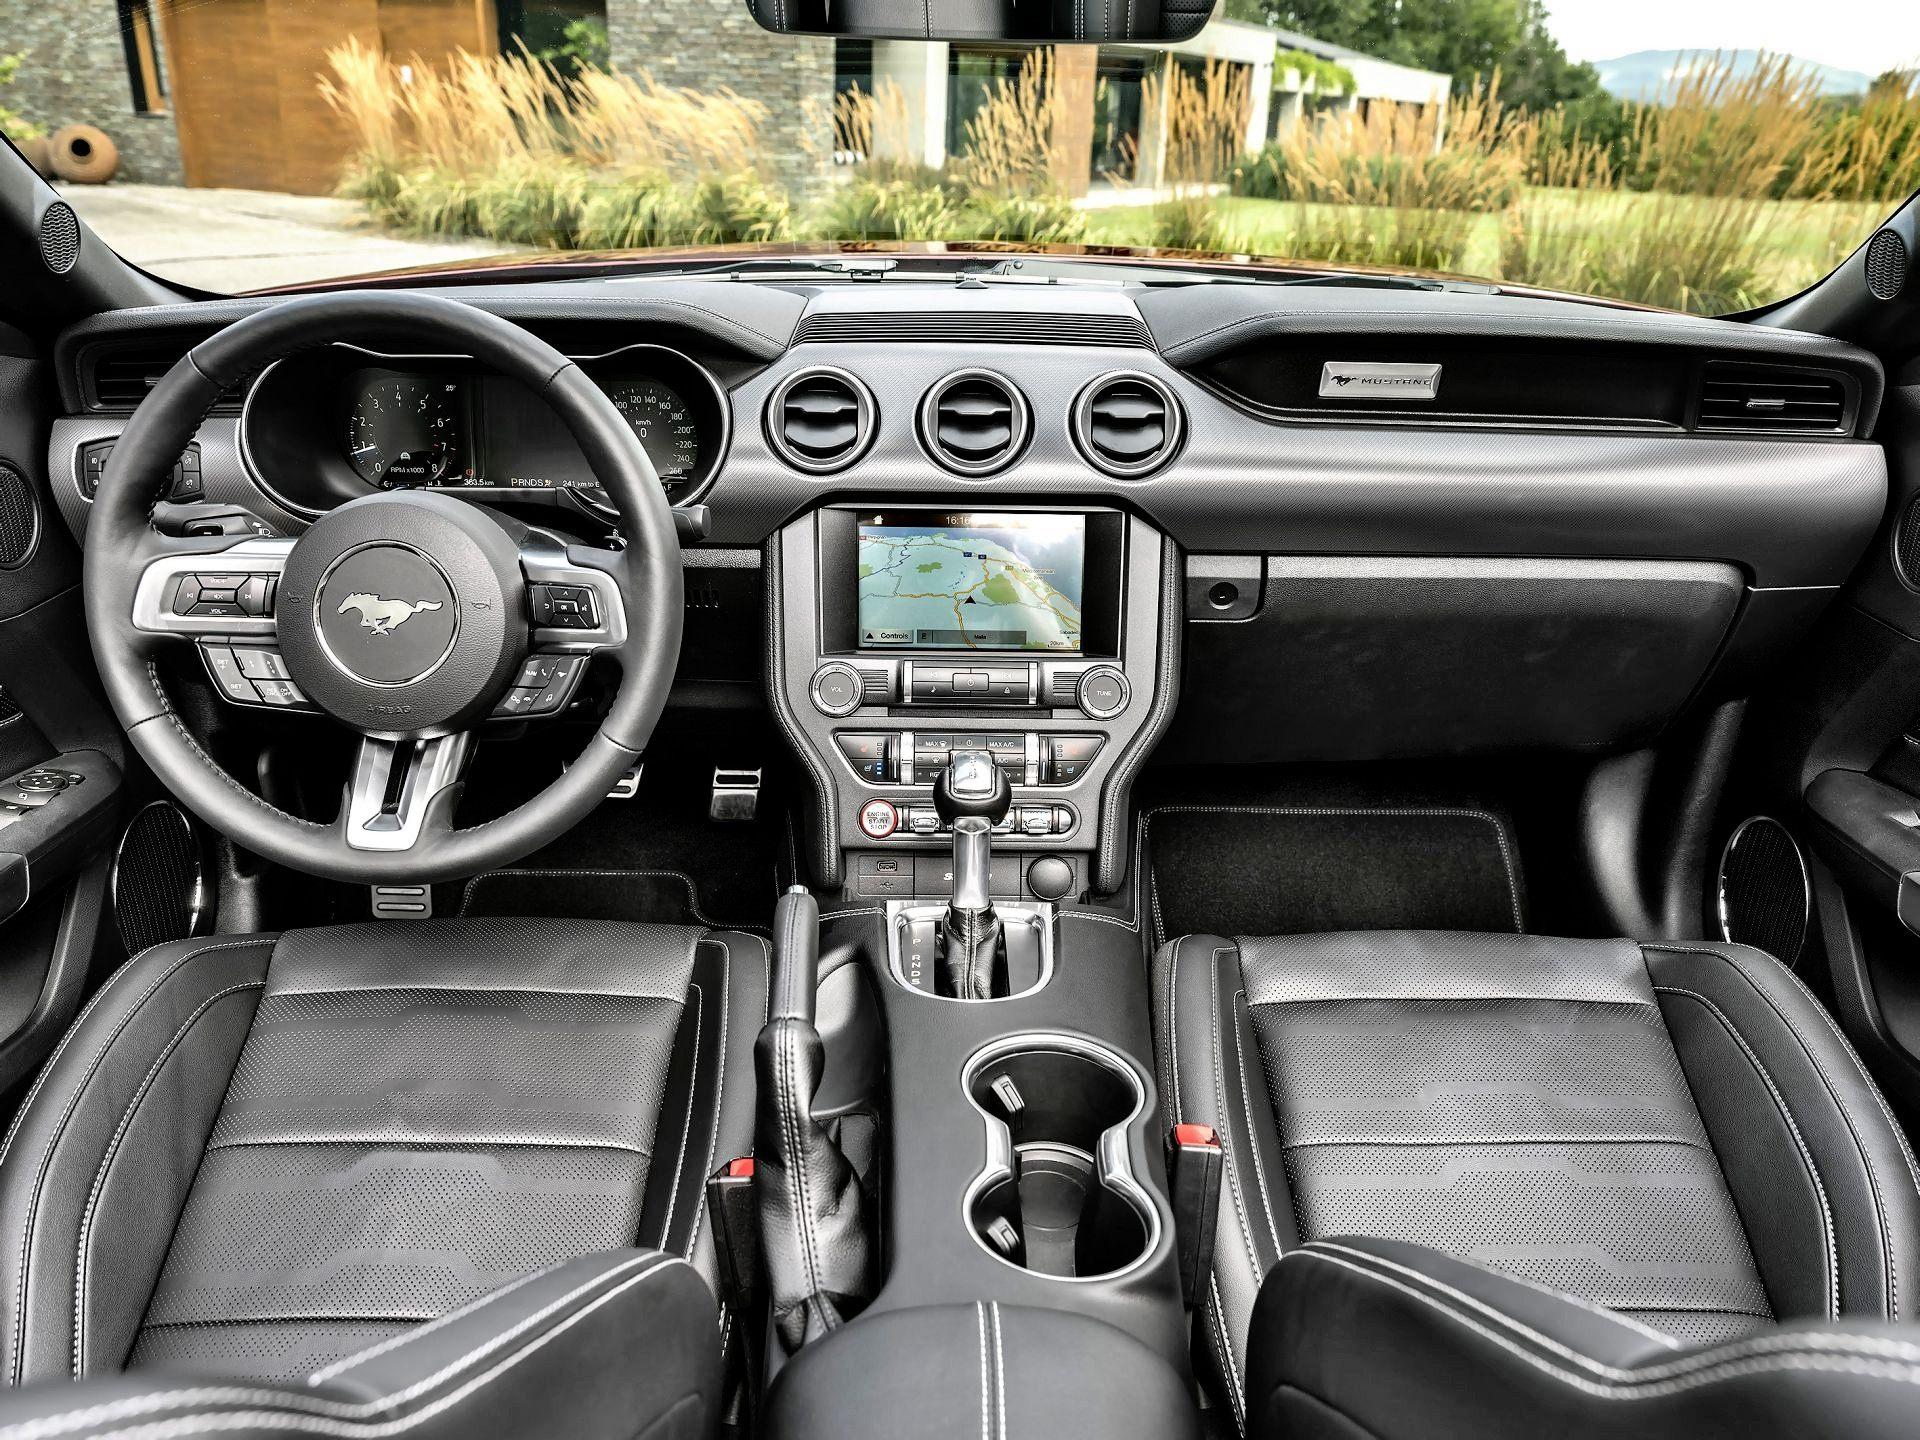 Ford Mustang - deska rozdzielcza